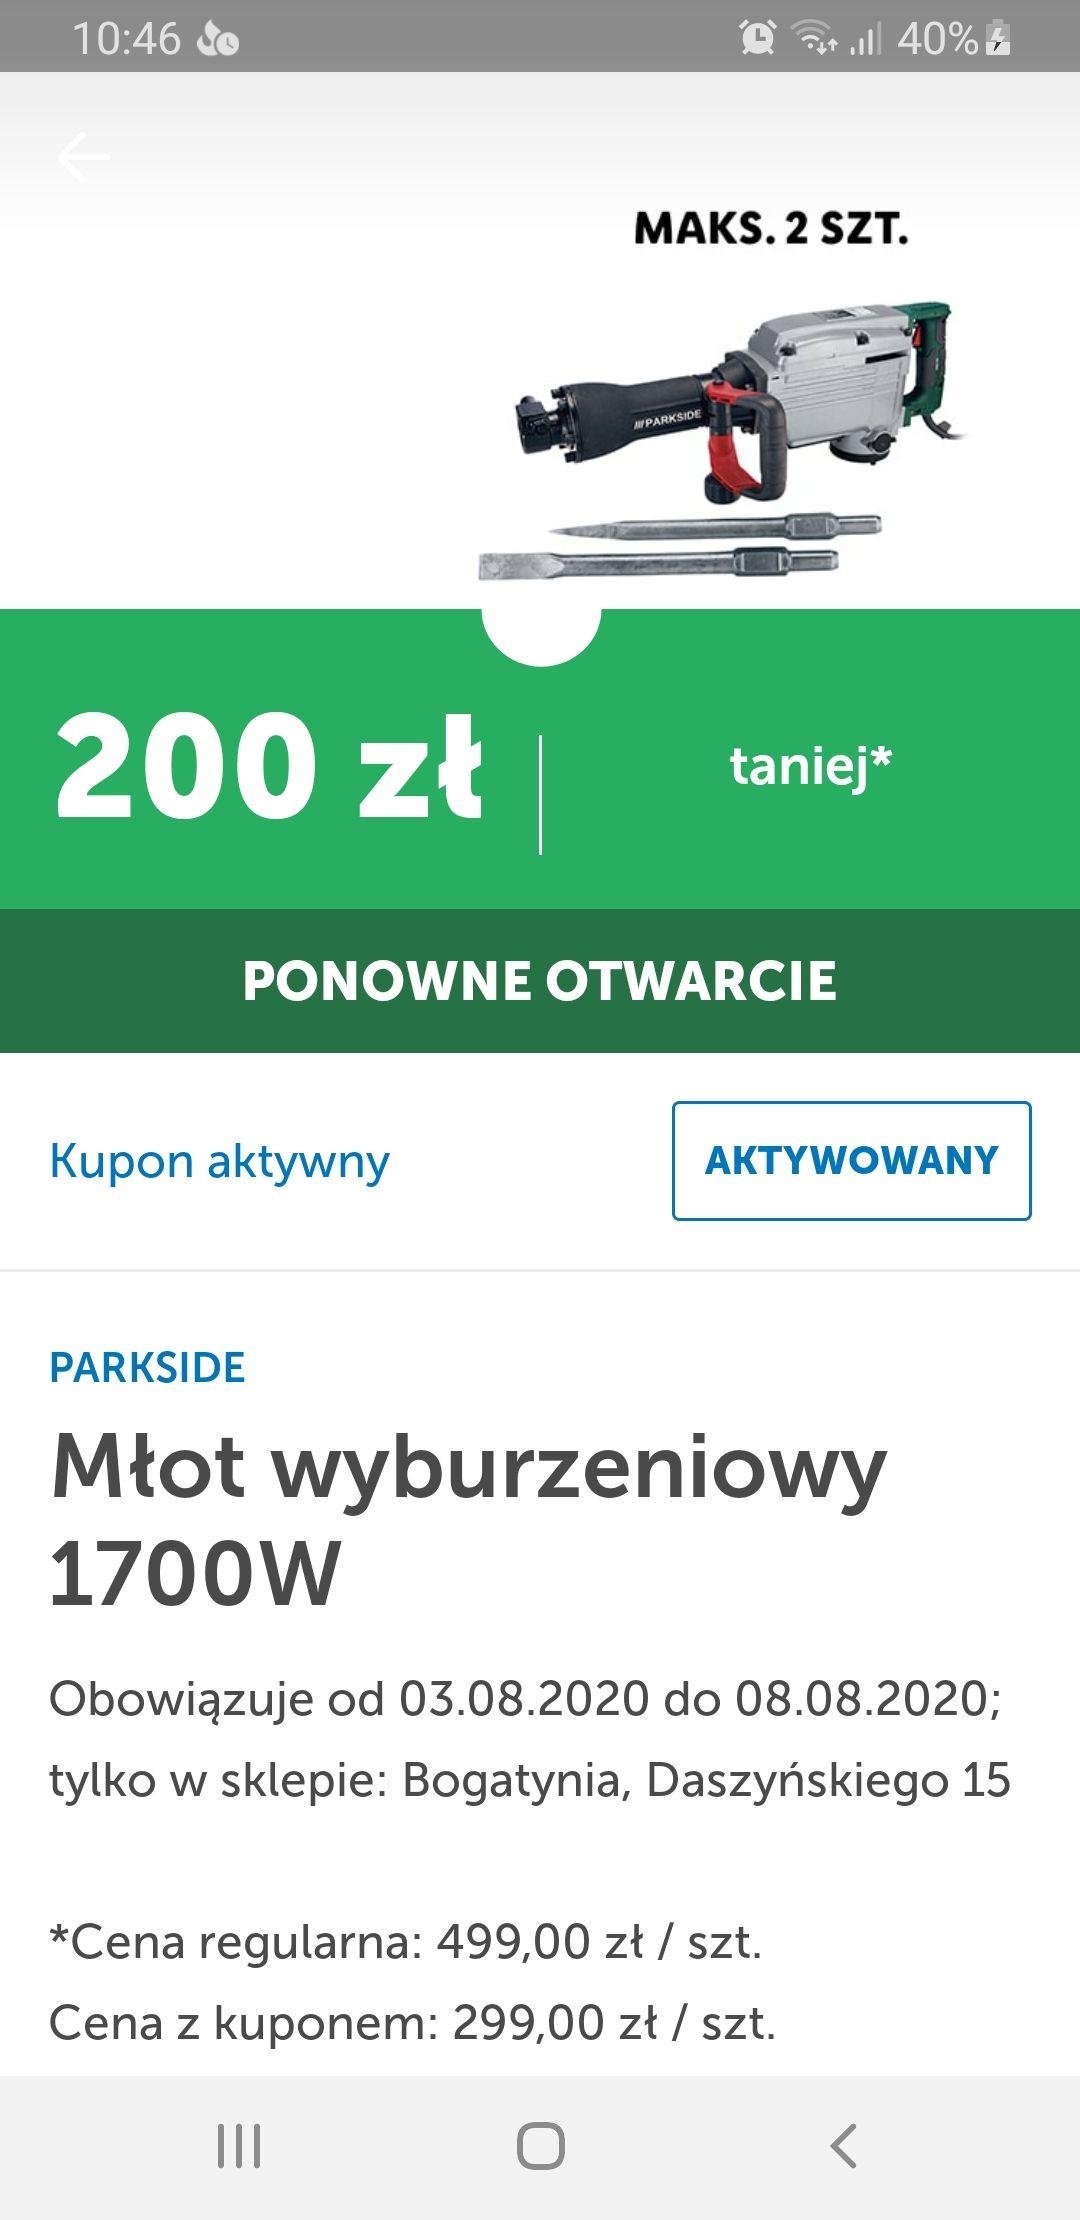 286399-hnvsq.jpg